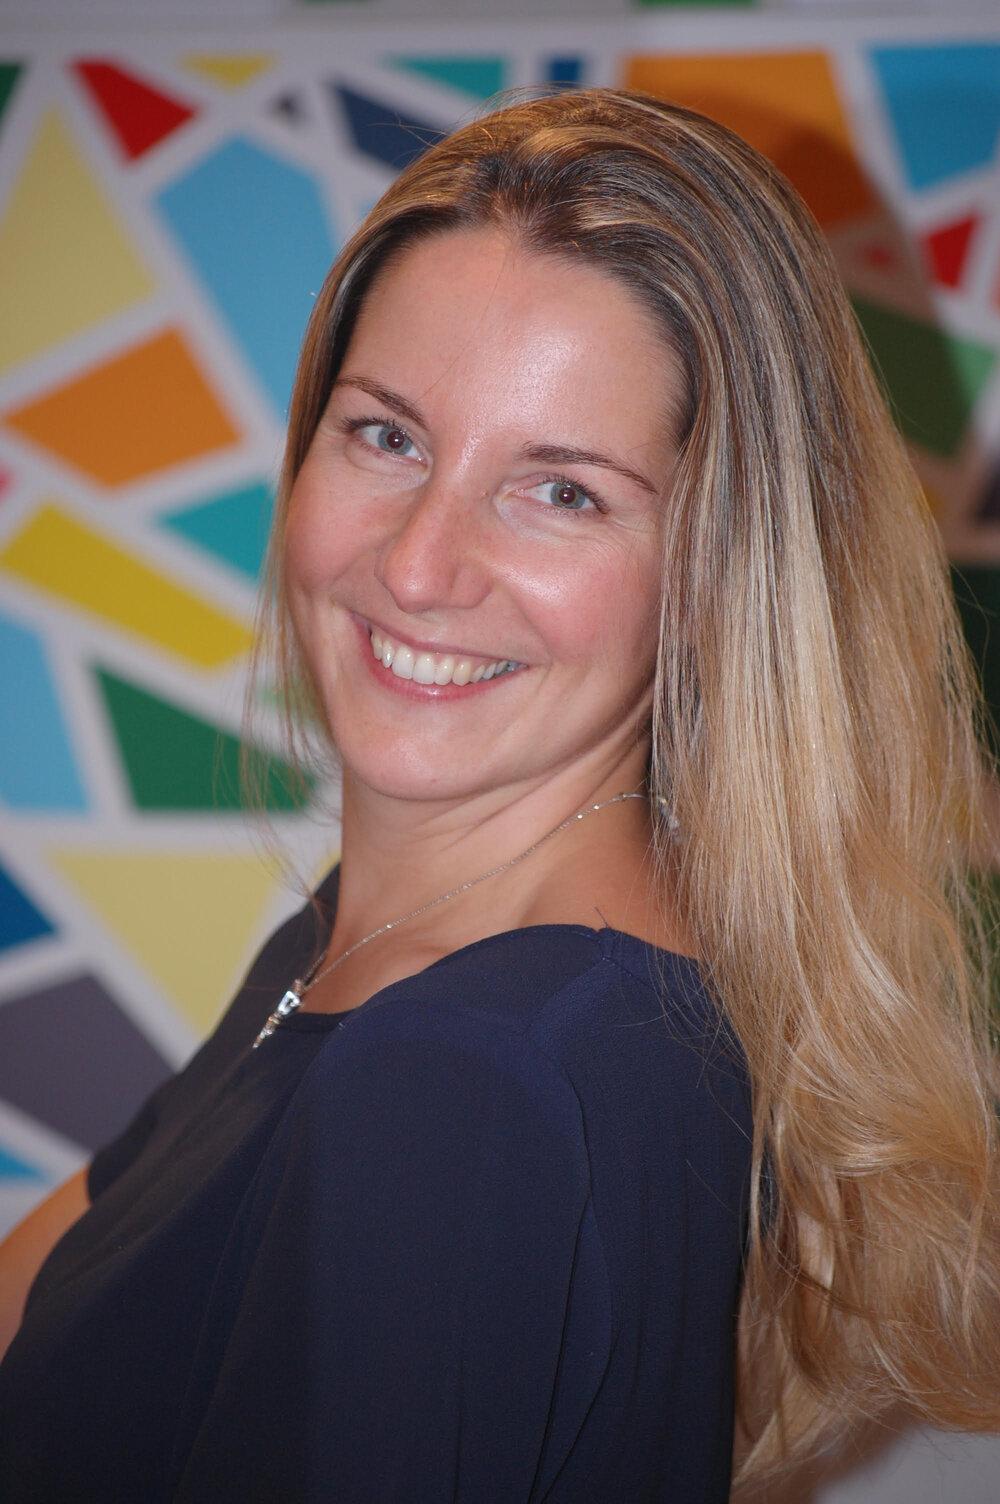 Paola Garbini, Founder of NOI Club